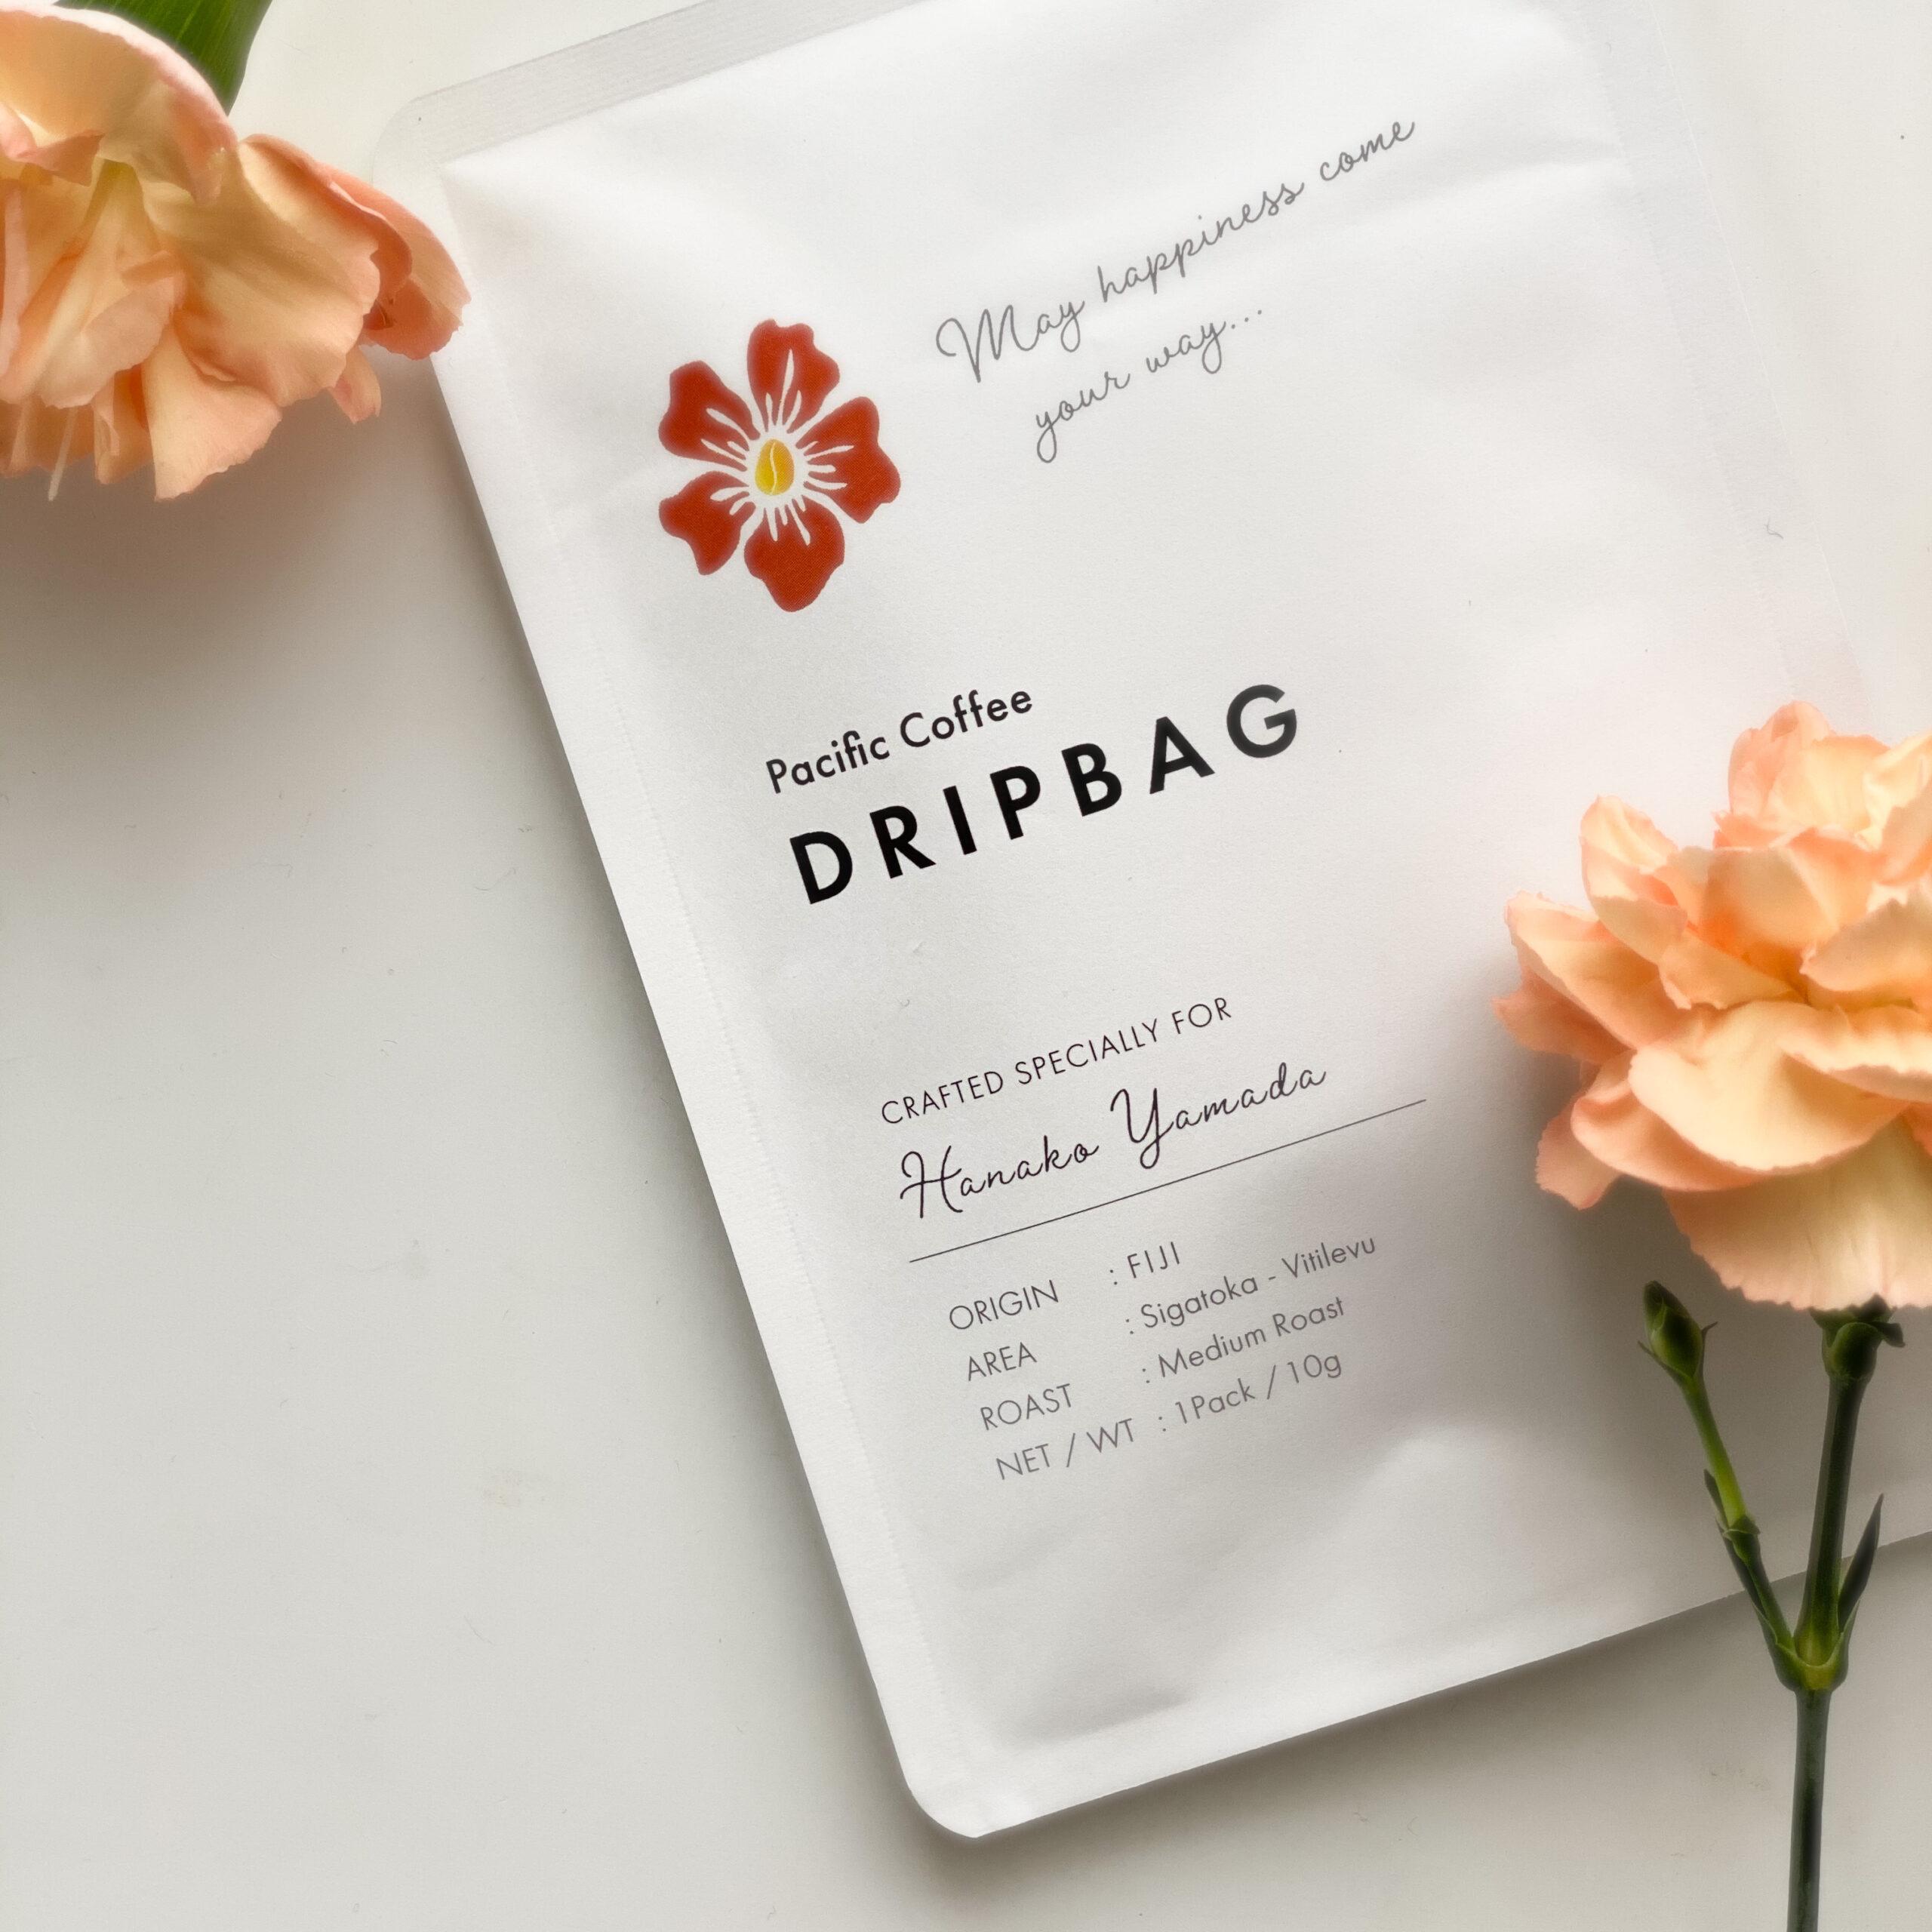 dripbag-name1